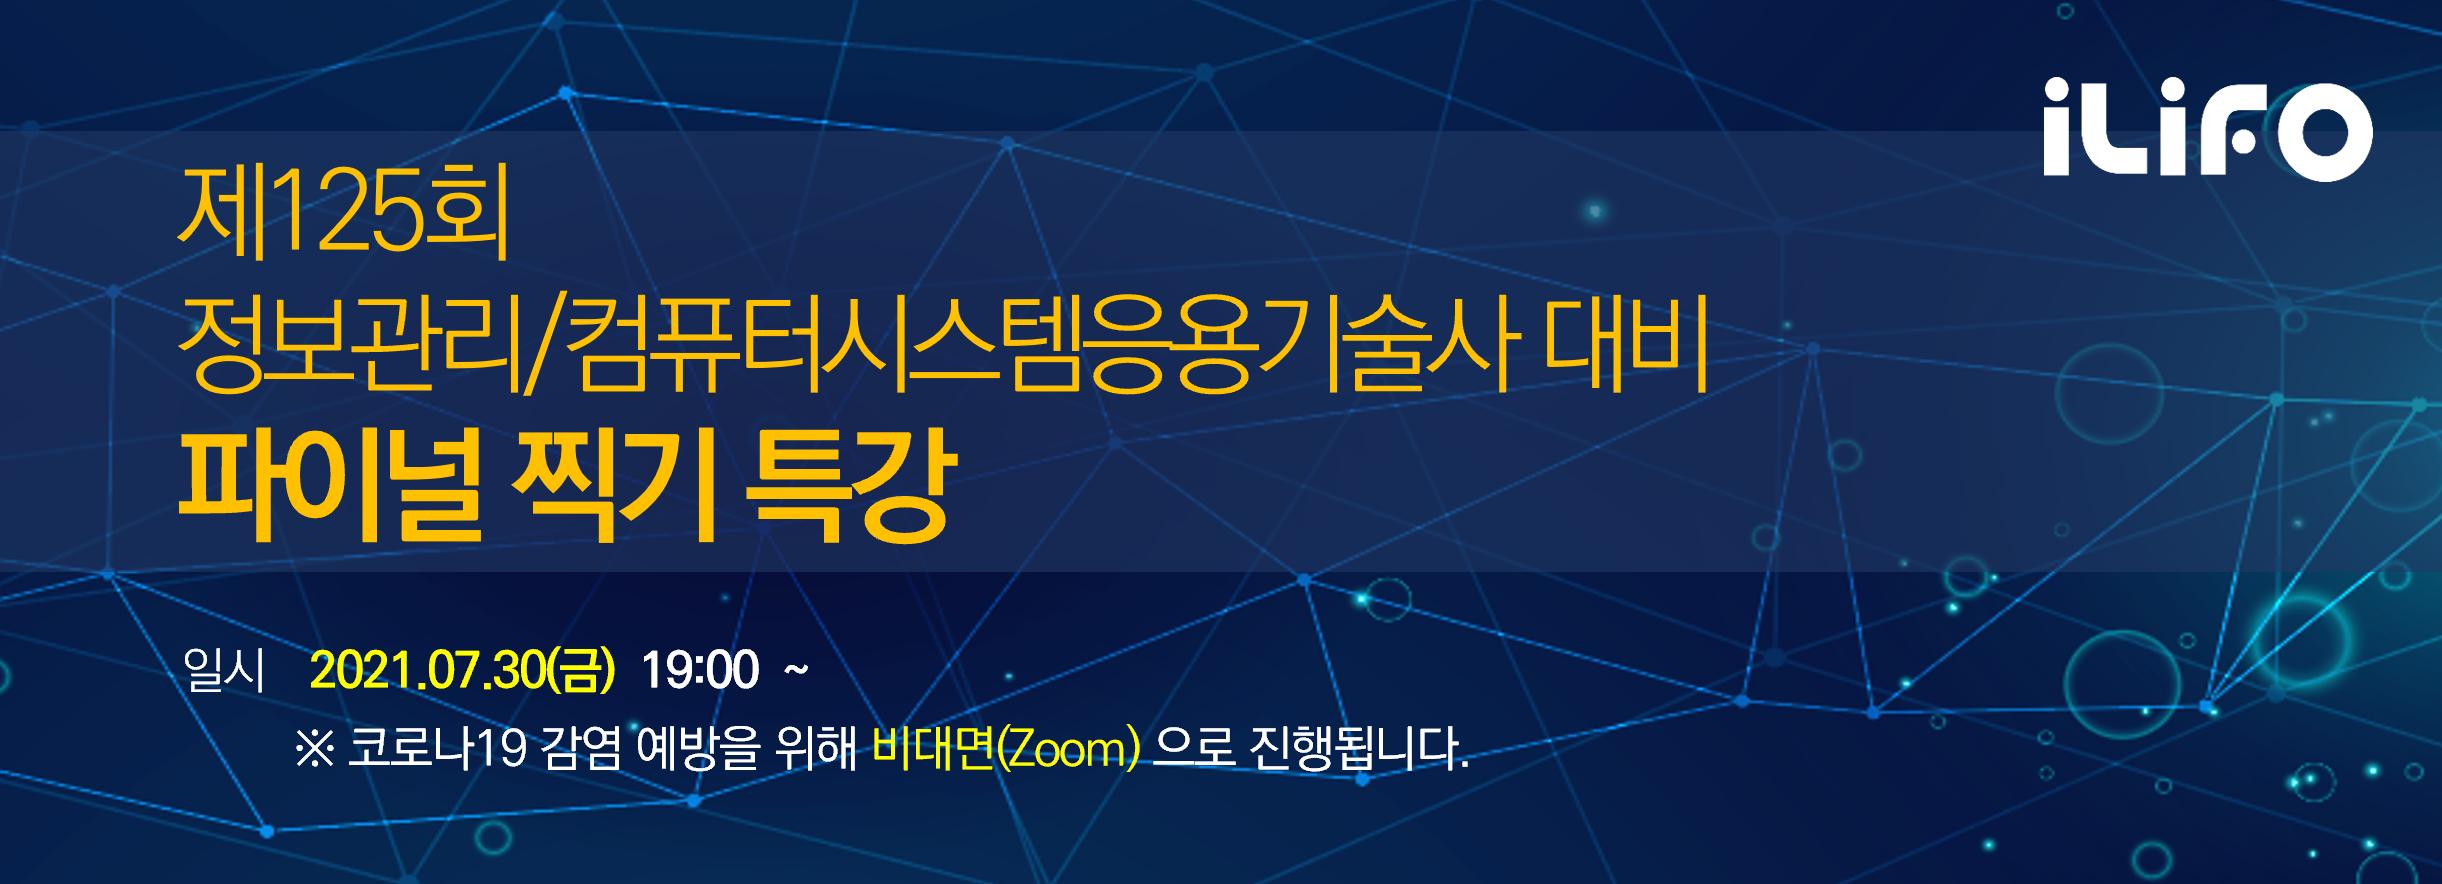 [무료][온라인] 125회 대비 정보관리기술사 특별과정 파이널찍기특강 2021.07.30(금)